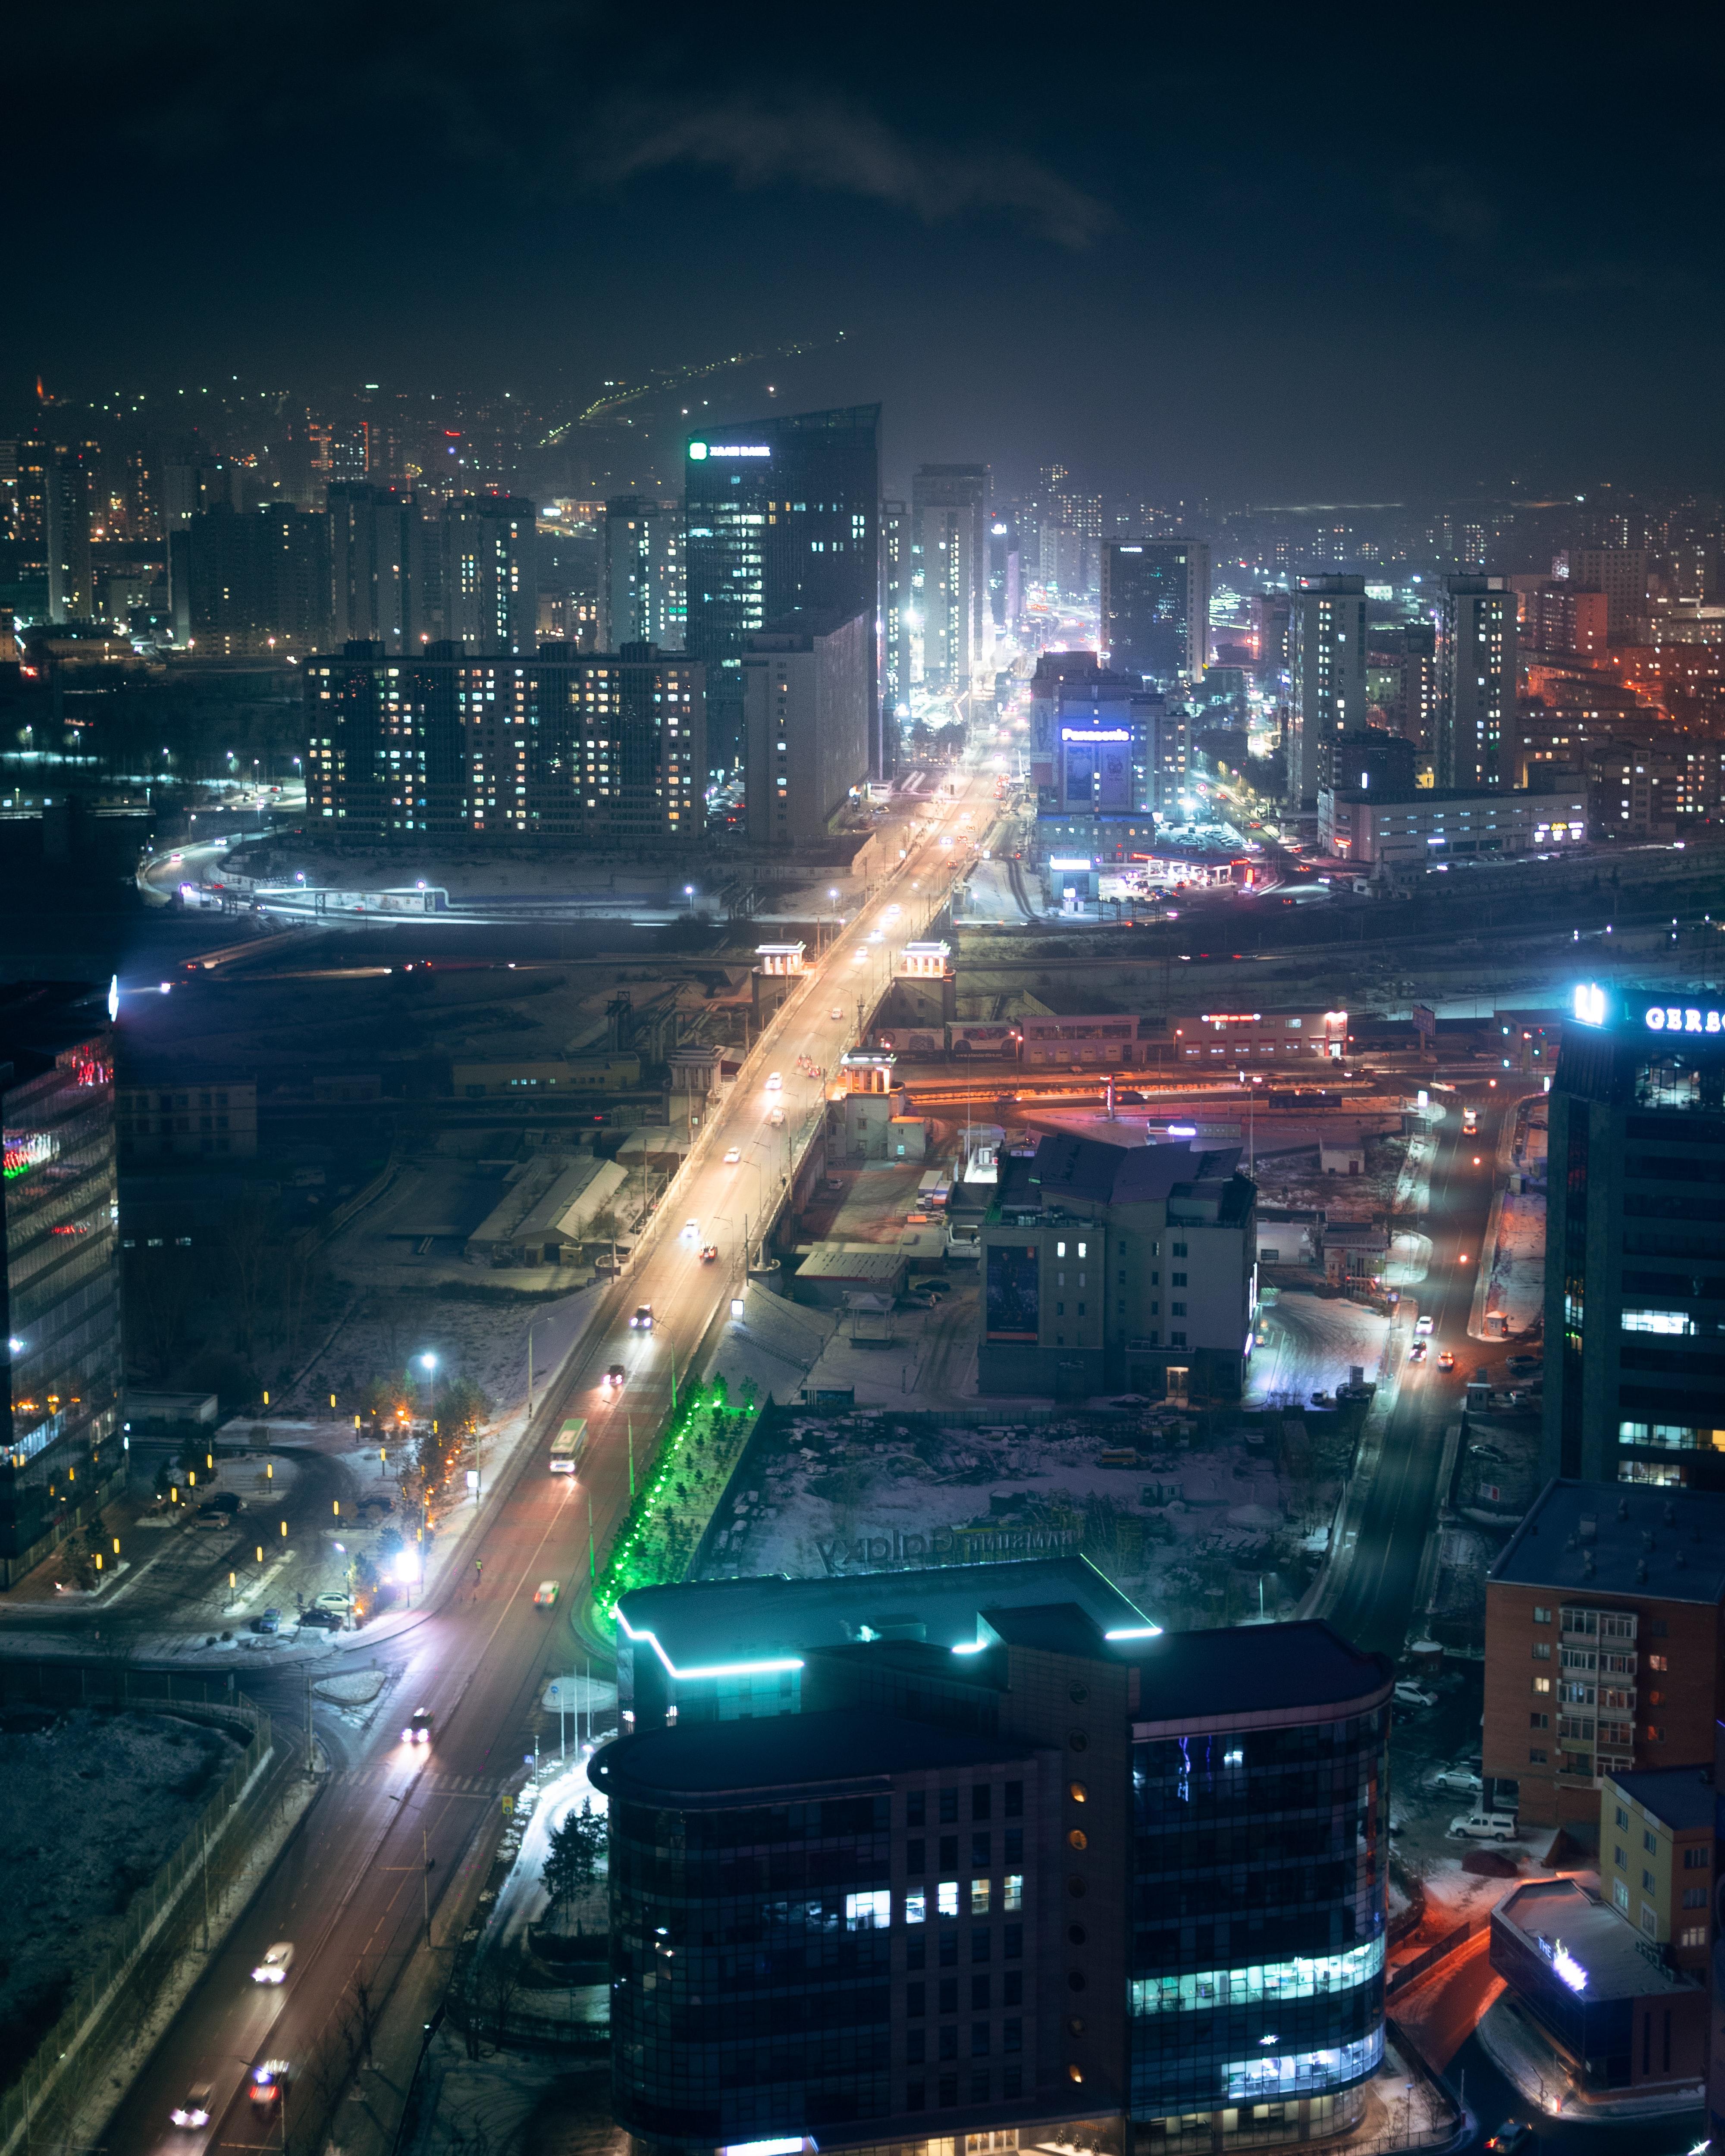 139255 Hintergrundbild herunterladen Städte, Roads, Streets, Gebäude, Die Lichter, Lichter, Blick Von Oben, Nächtliche Stadt, Night City - Bildschirmschoner und Bilder kostenlos